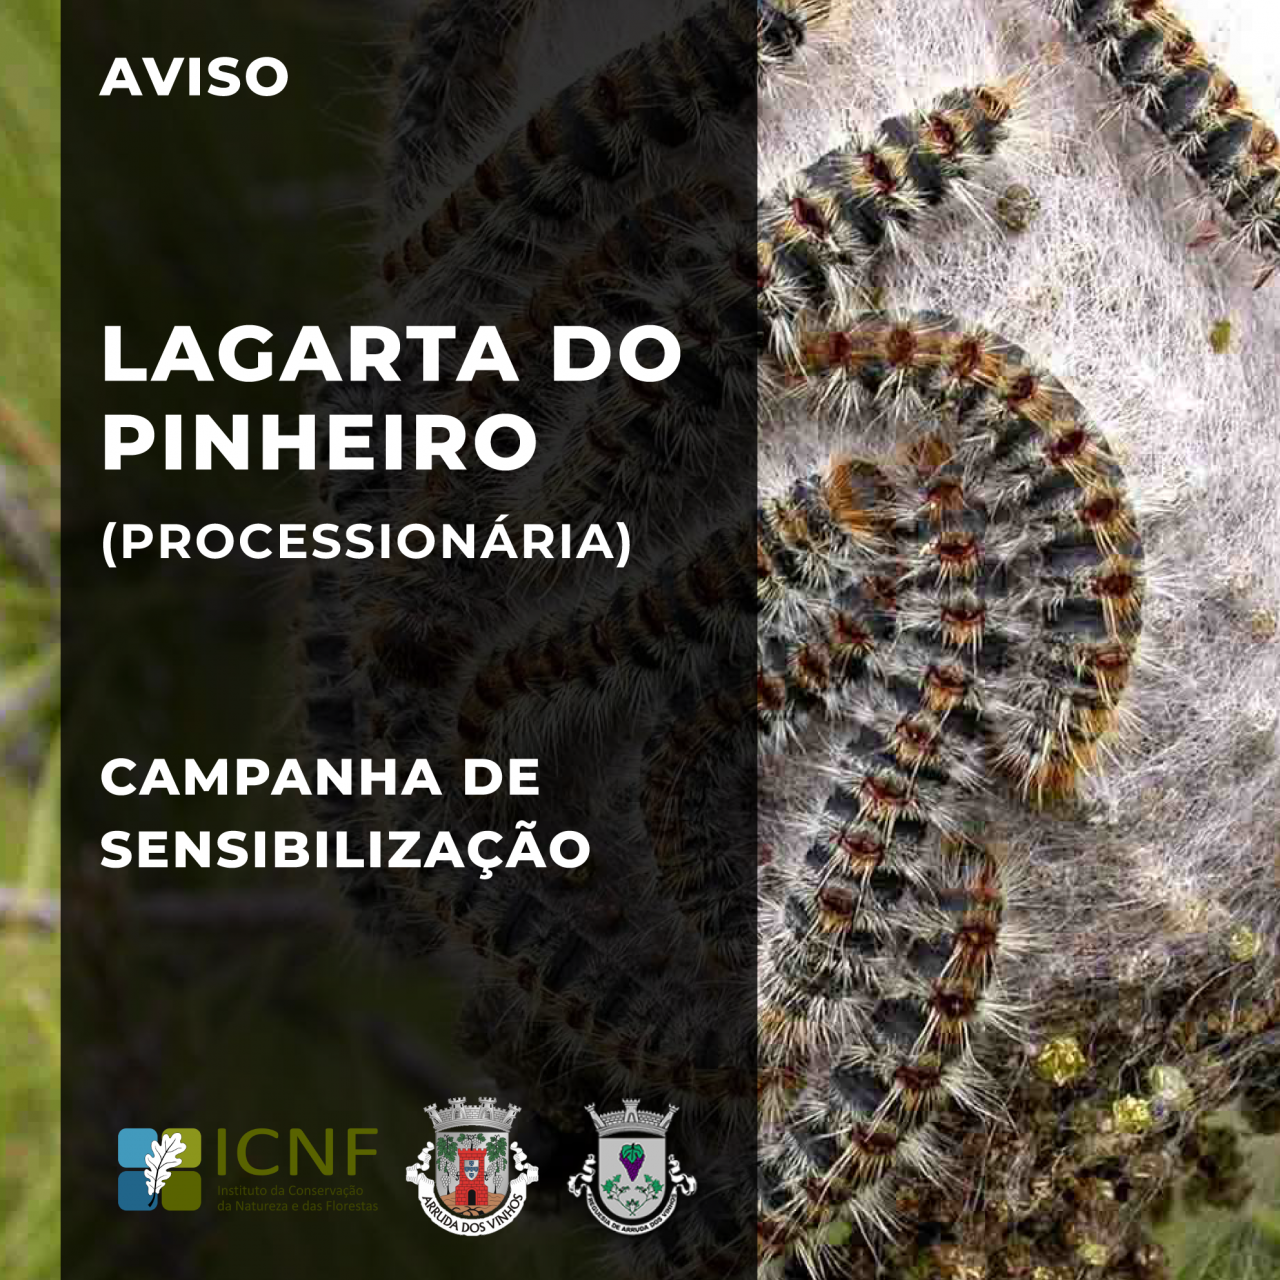 Lagarta do Pinheiro | Campanha de Sensibilização